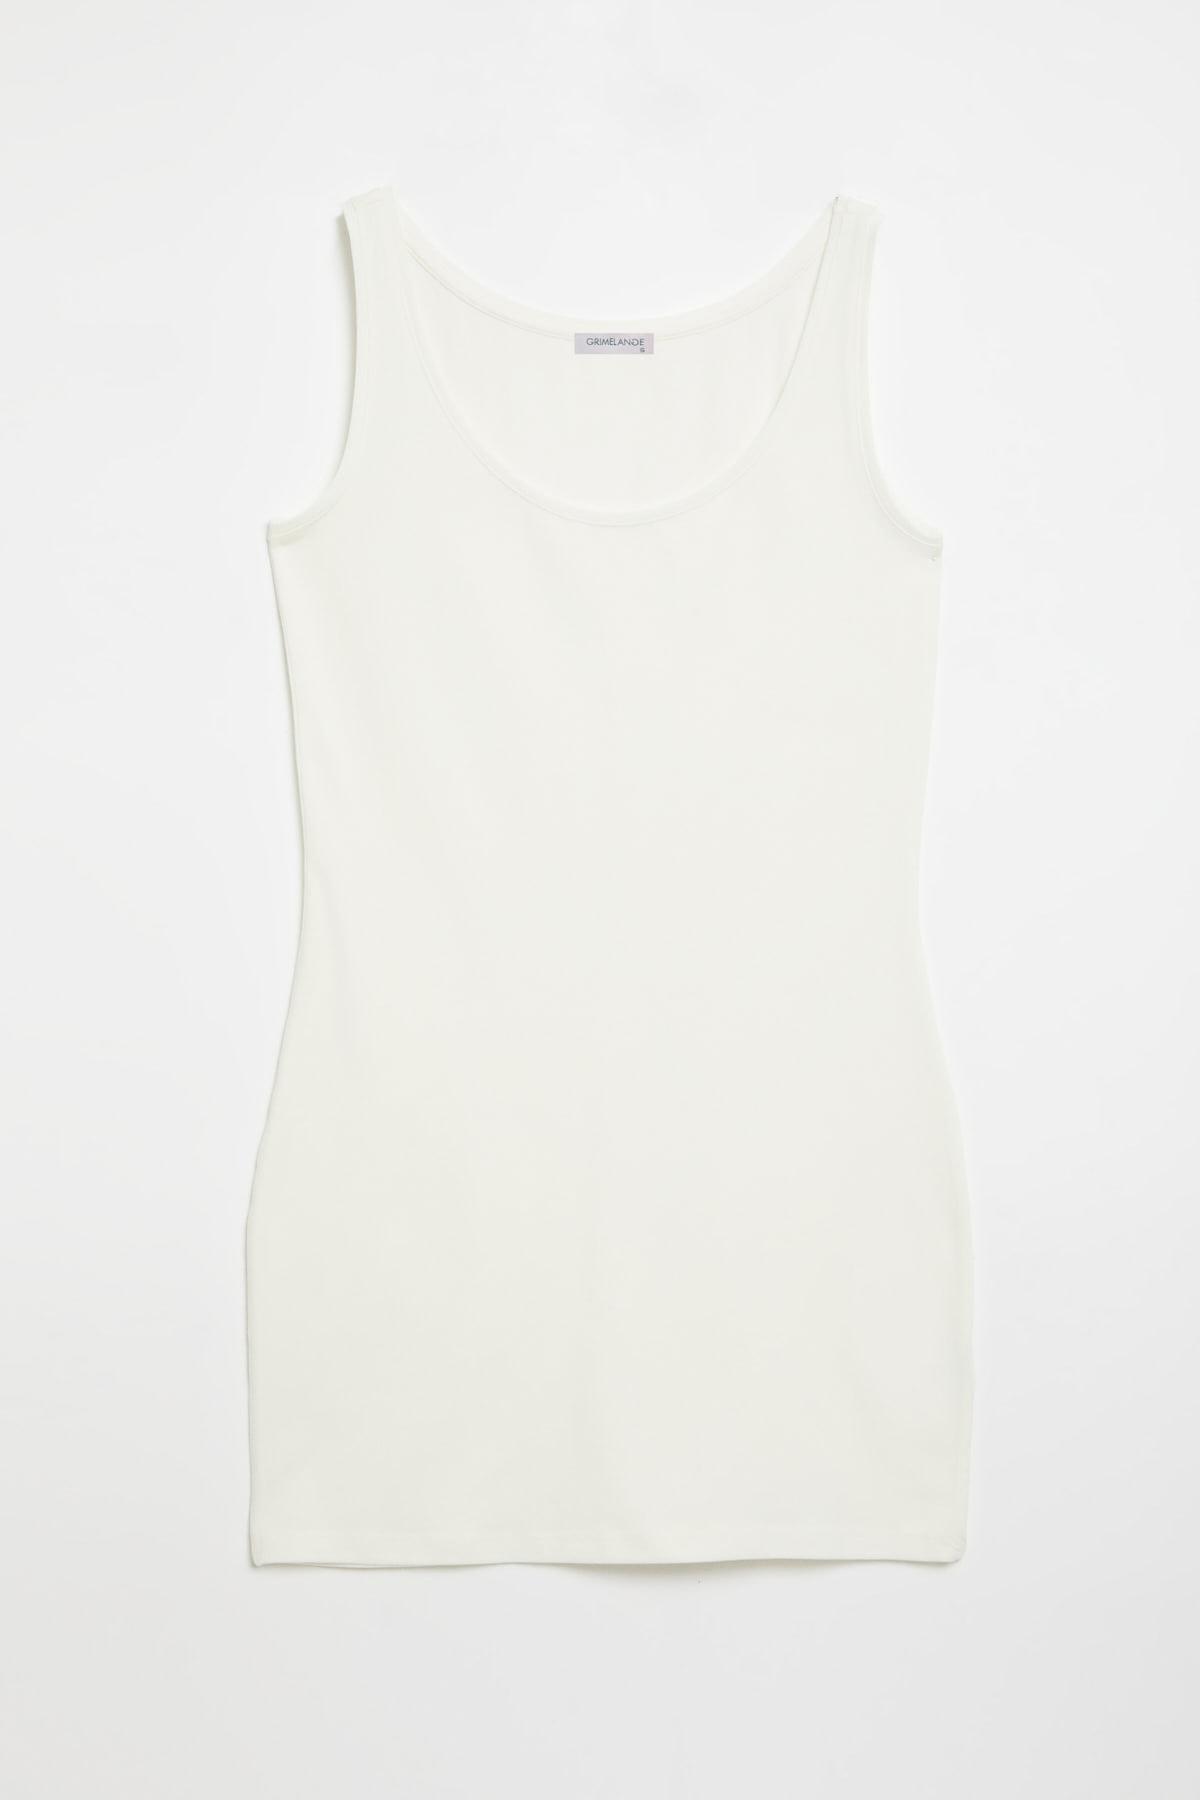 GRIMELANGE BELLA Kadın Beyaz Dar Kesim Uzun Kolsuz  T-Shirt 0